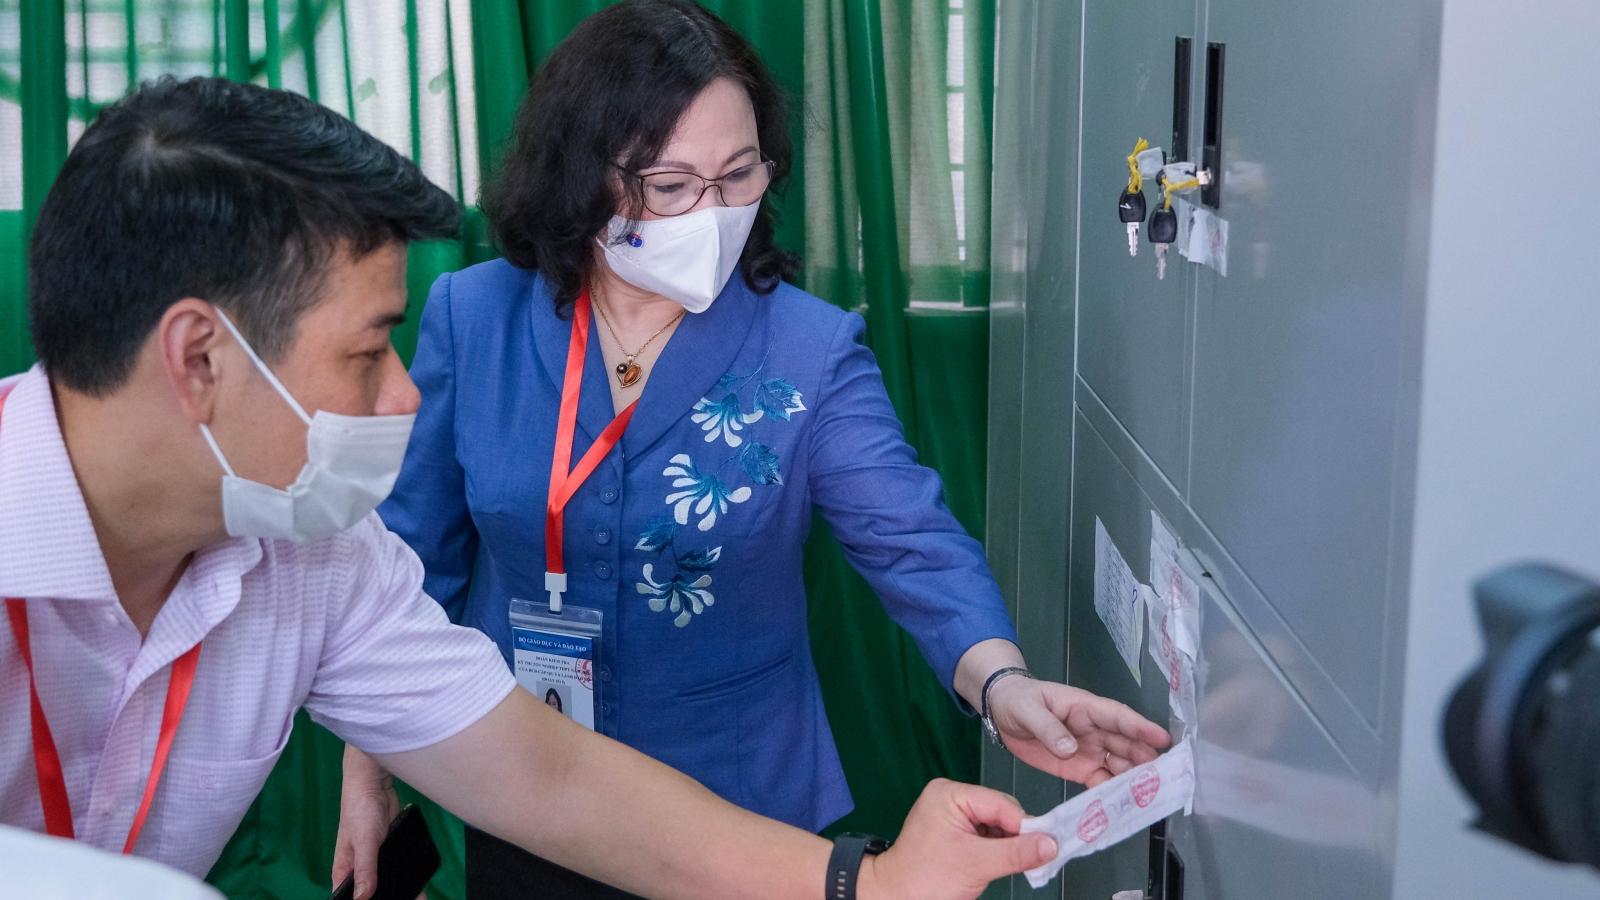 Thứ trưởng Bộ GD-ĐT kiểm tra công tác chuẩn bị kỳ thi tốt nghiệp THPT tại Cần Thơ